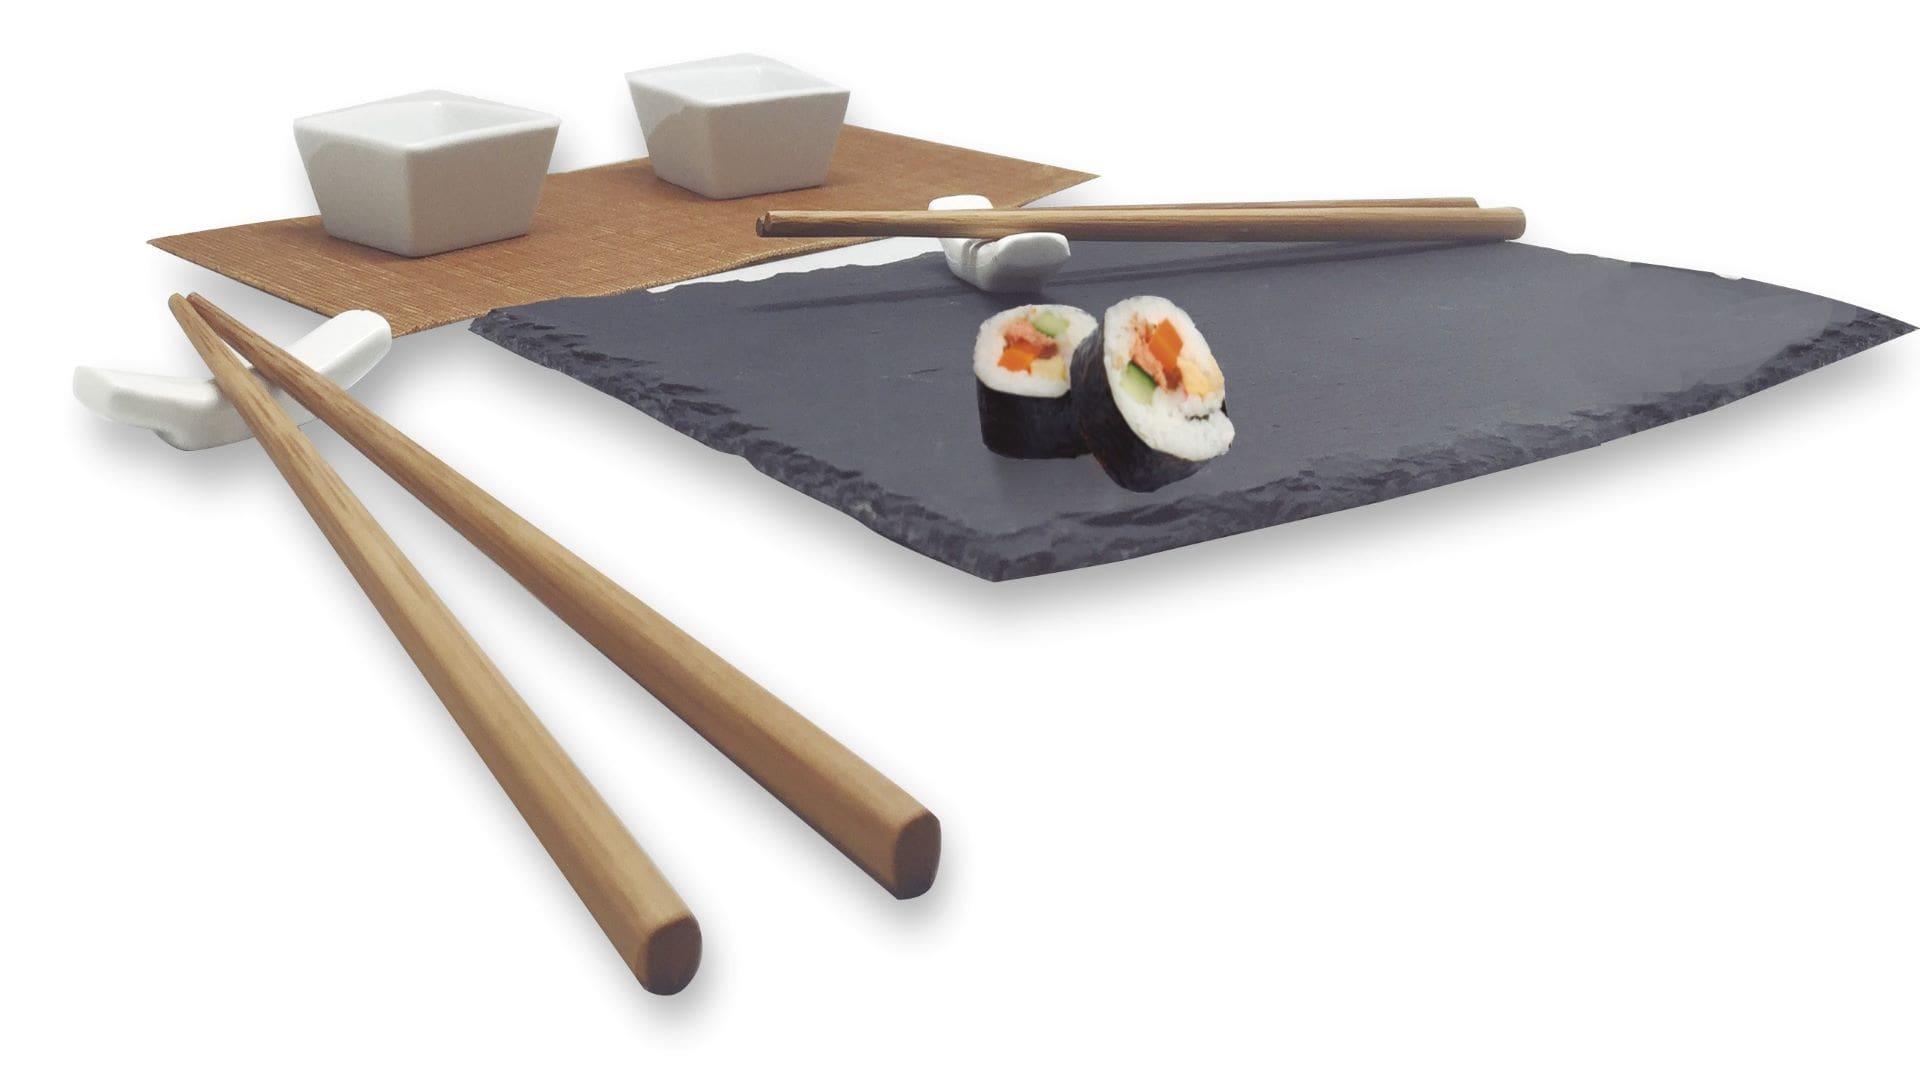 Nerthus_сет за суши с каменна плоча